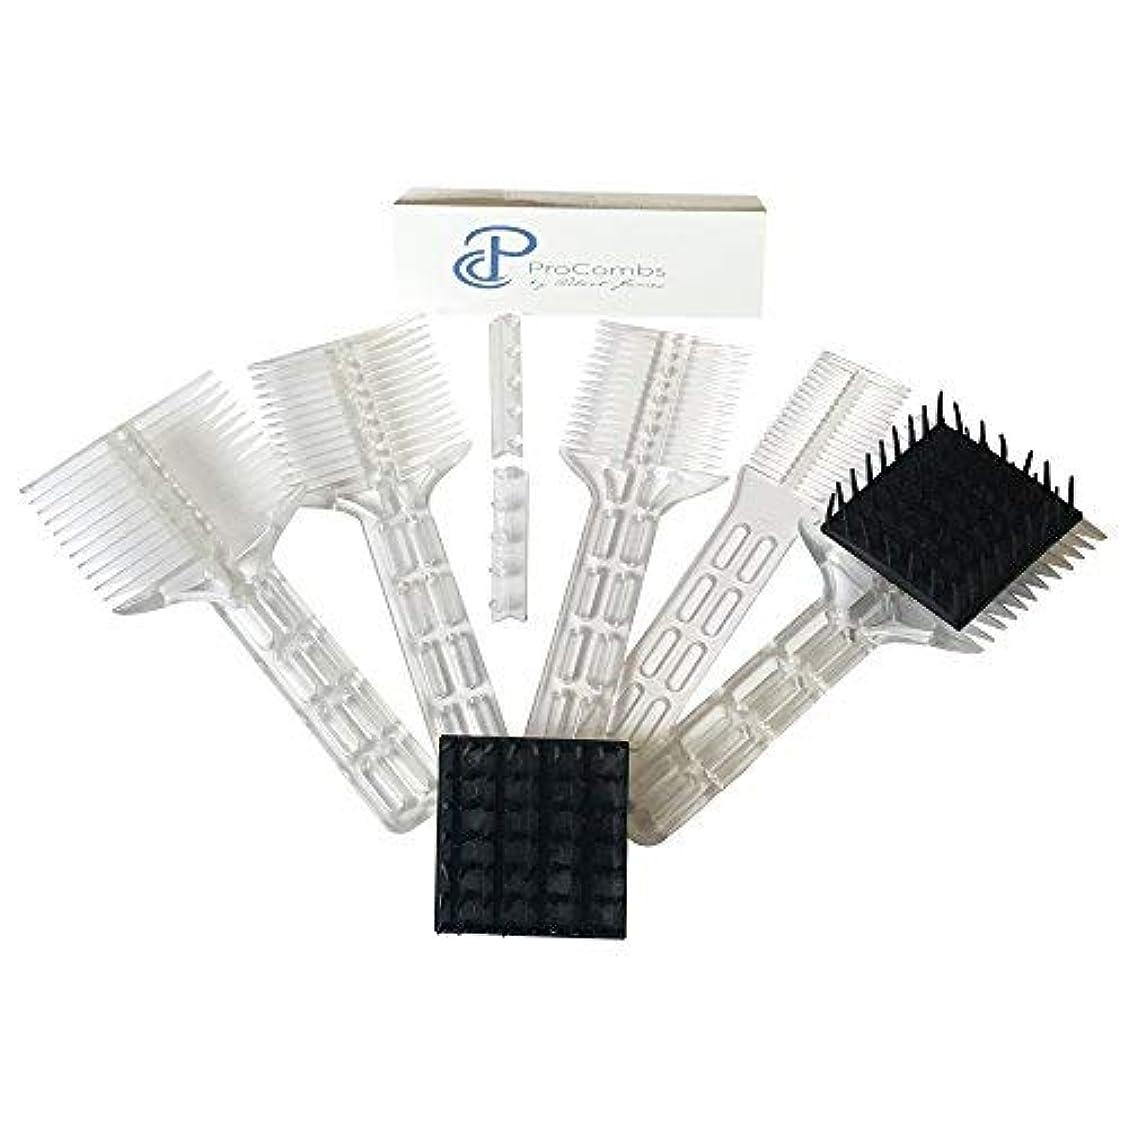 やけどアドバンテージコンチネンタルScissor/Clipper Over Comb Tool For The Perfect Haircut [並行輸入品]